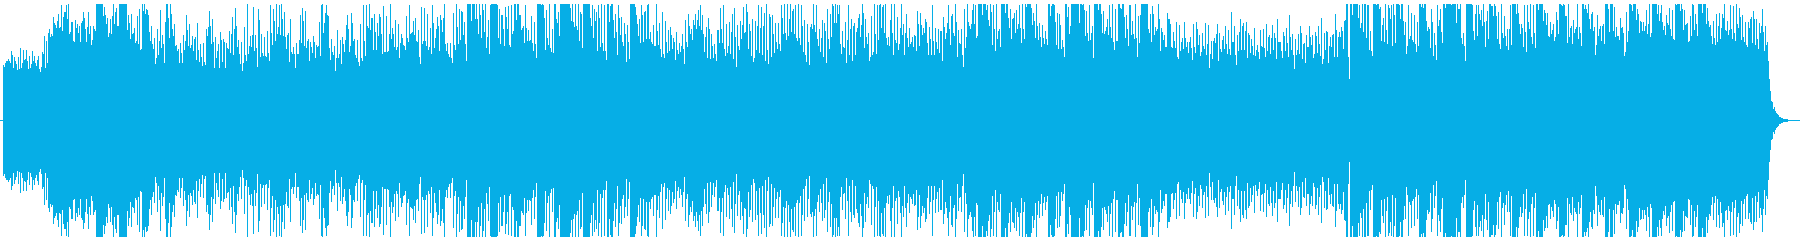 地球一周 癒しの音楽の再生済みの波形